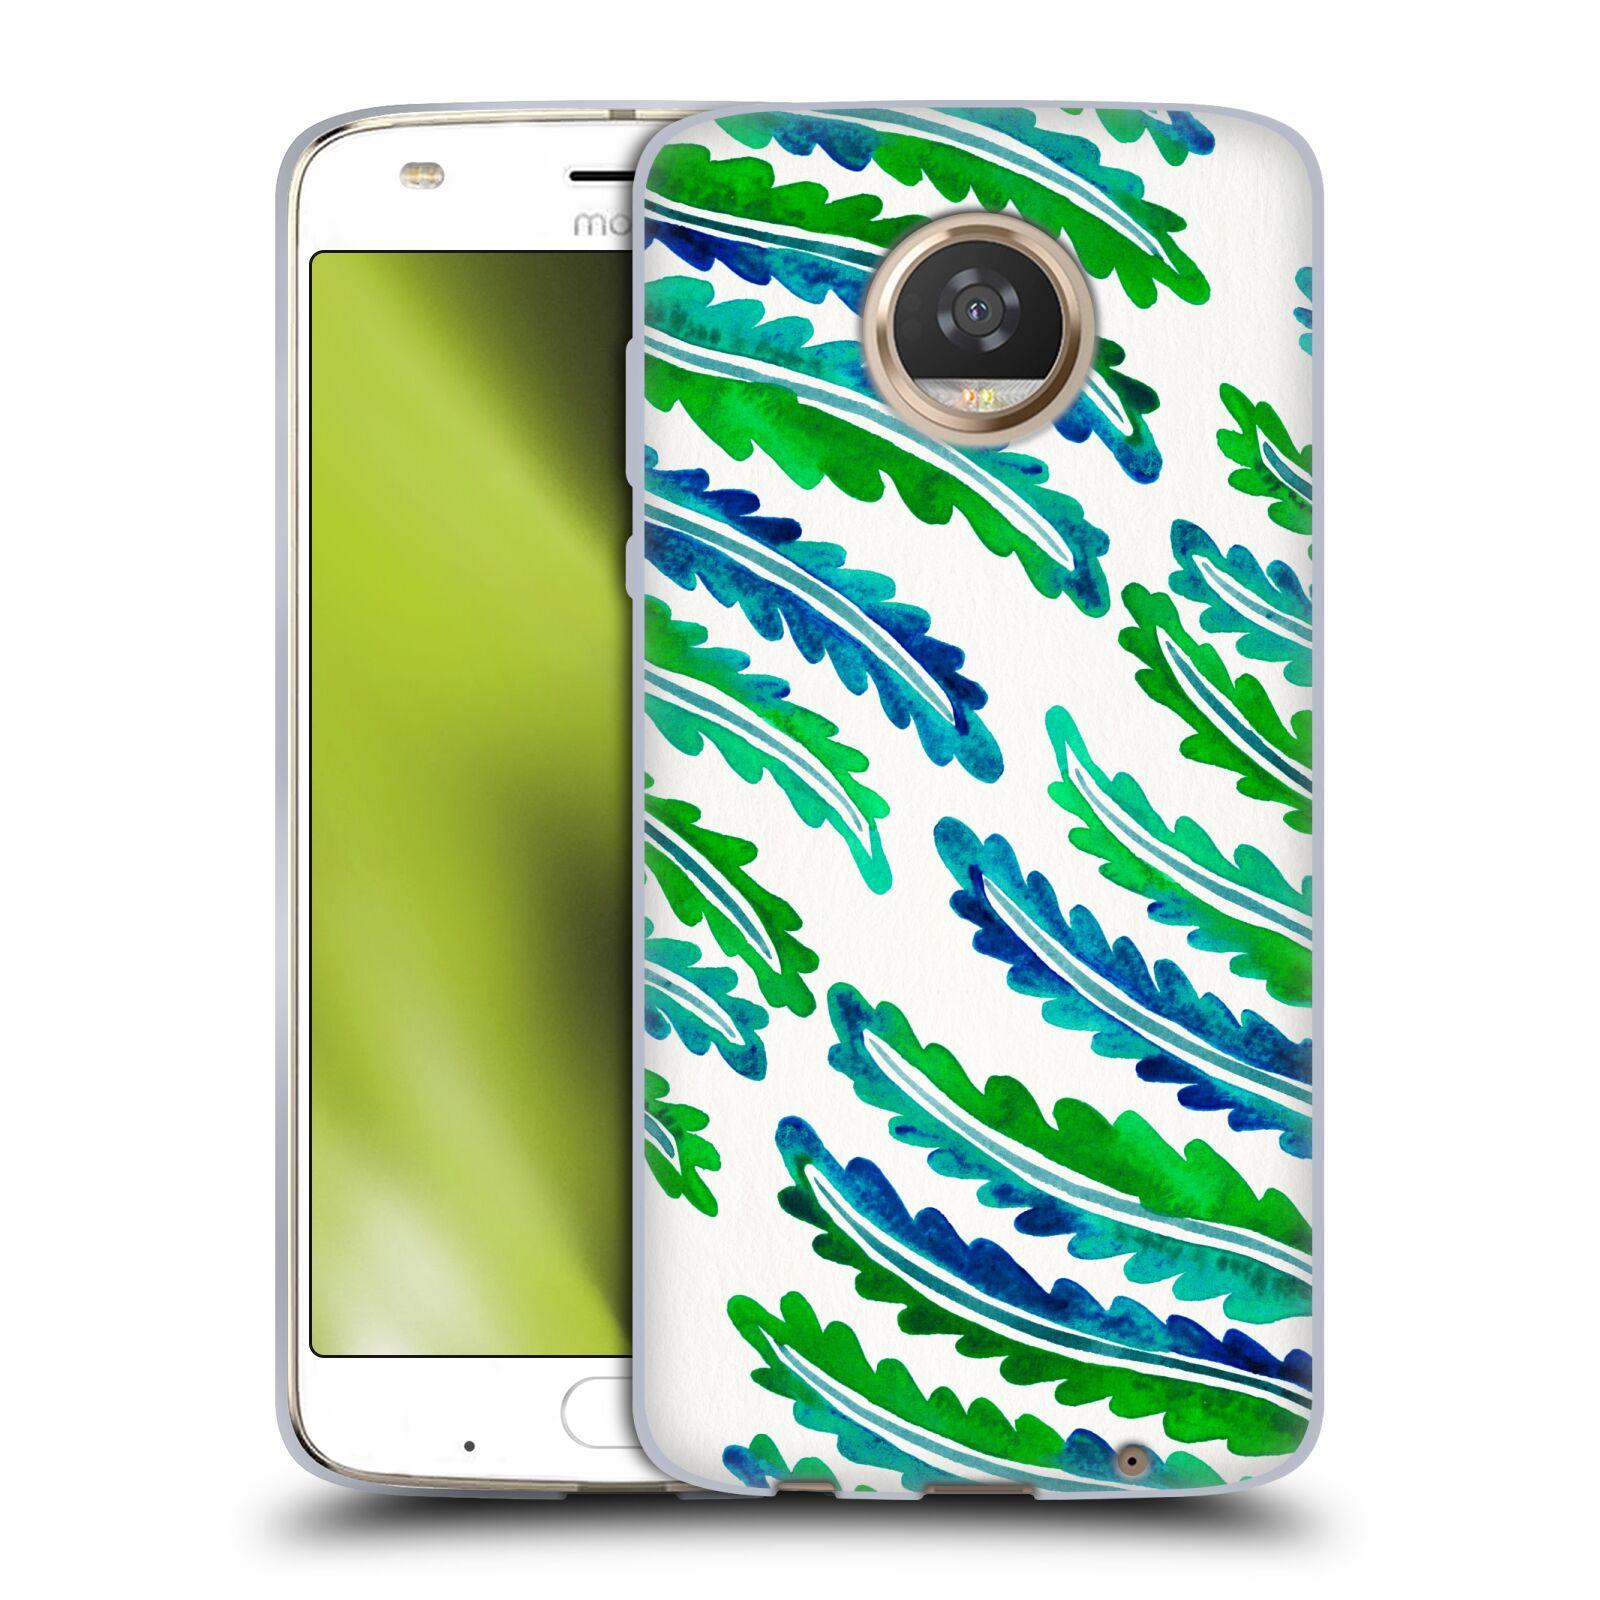 Gato-oficial-Coquillette-Tropical-caso-De-Gel-Suave-Para-Telefonos-Motorola